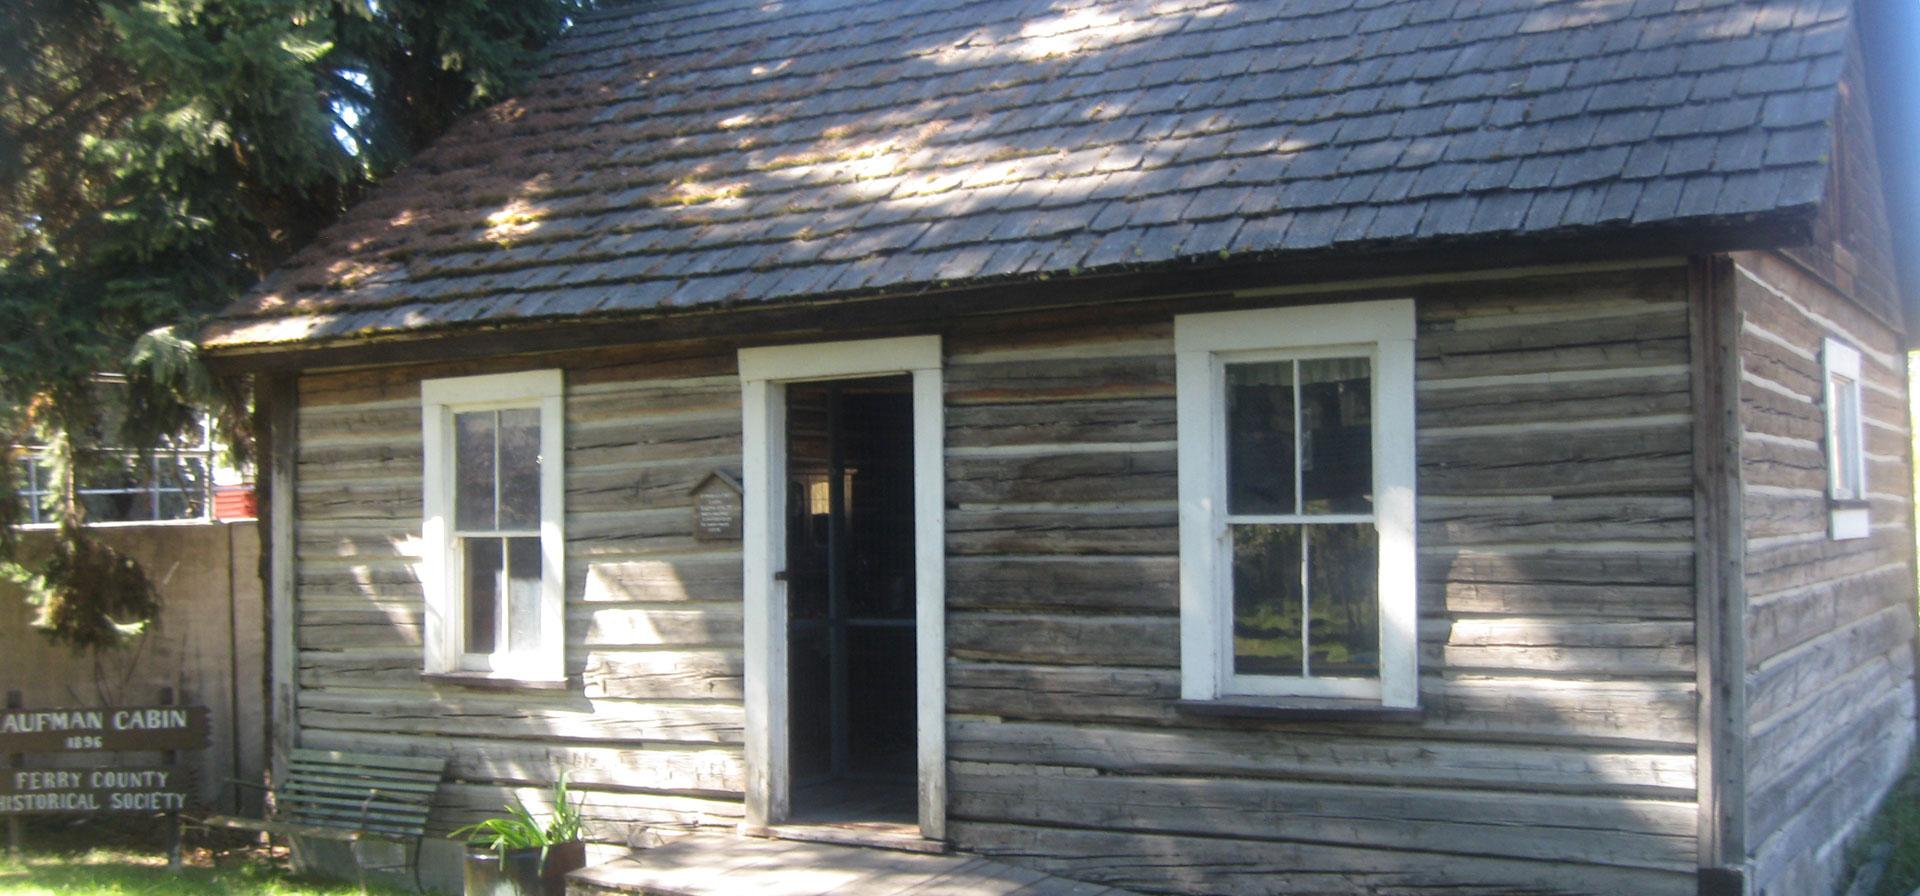 Kauffman Cabin